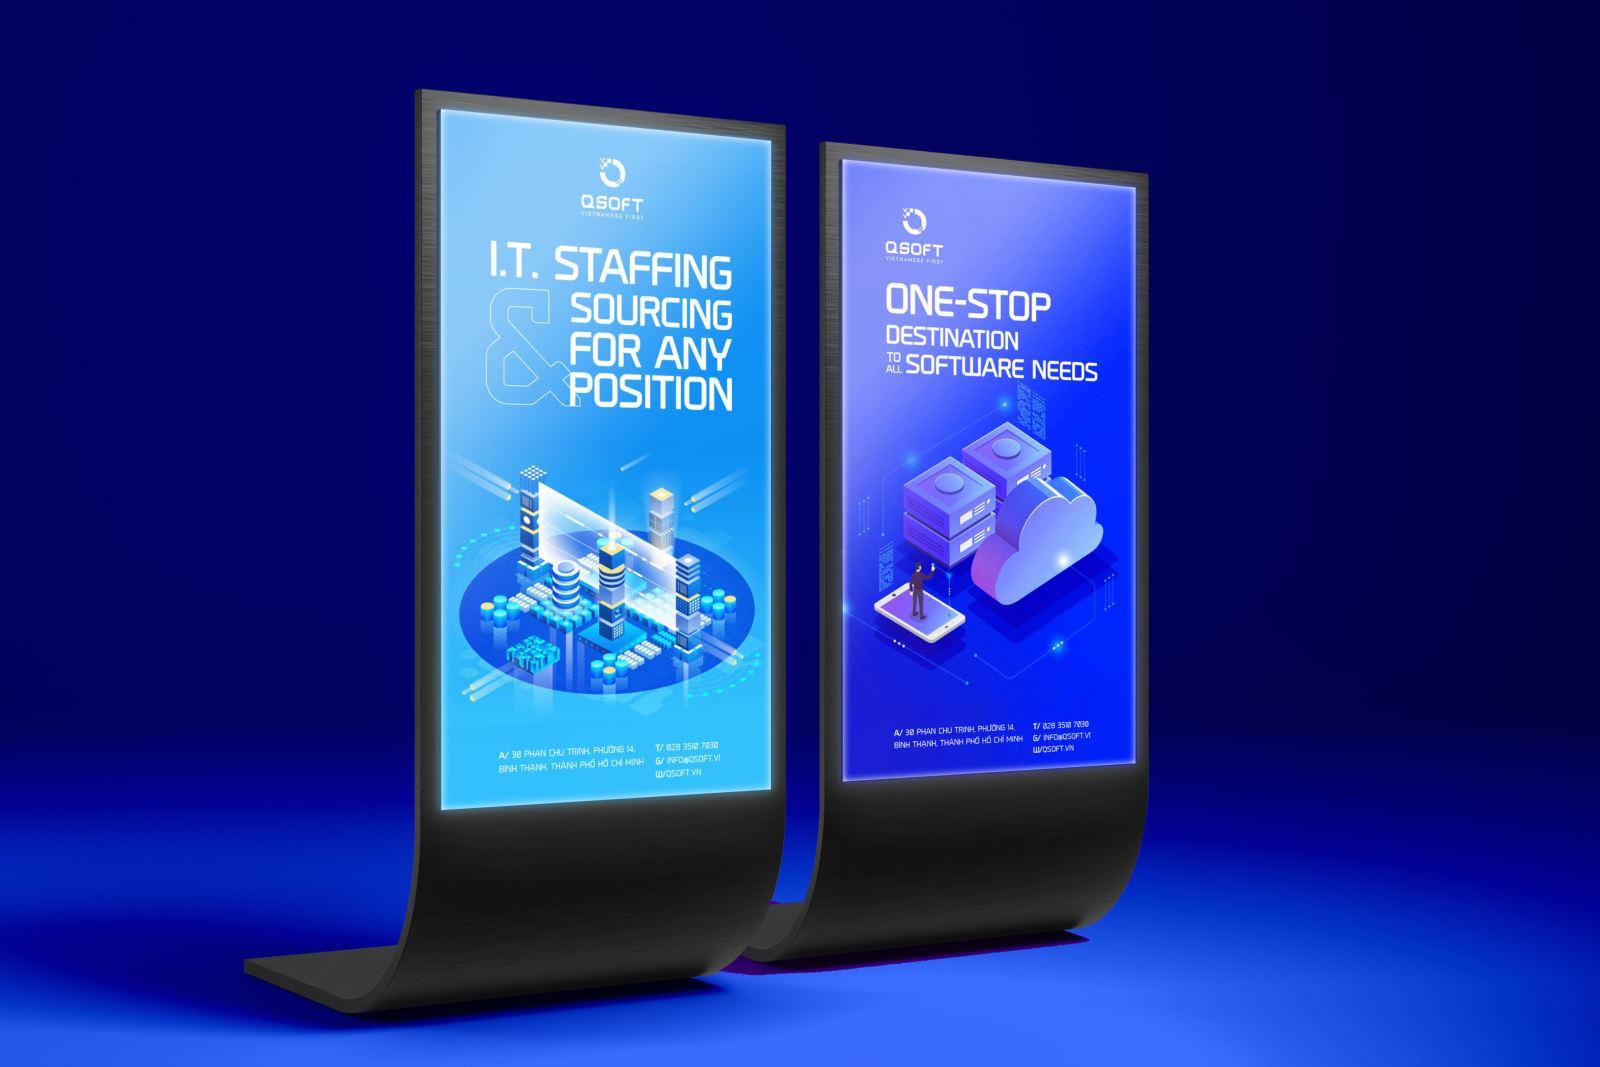 thiết kế logo công nghệ thông tin Qsoft